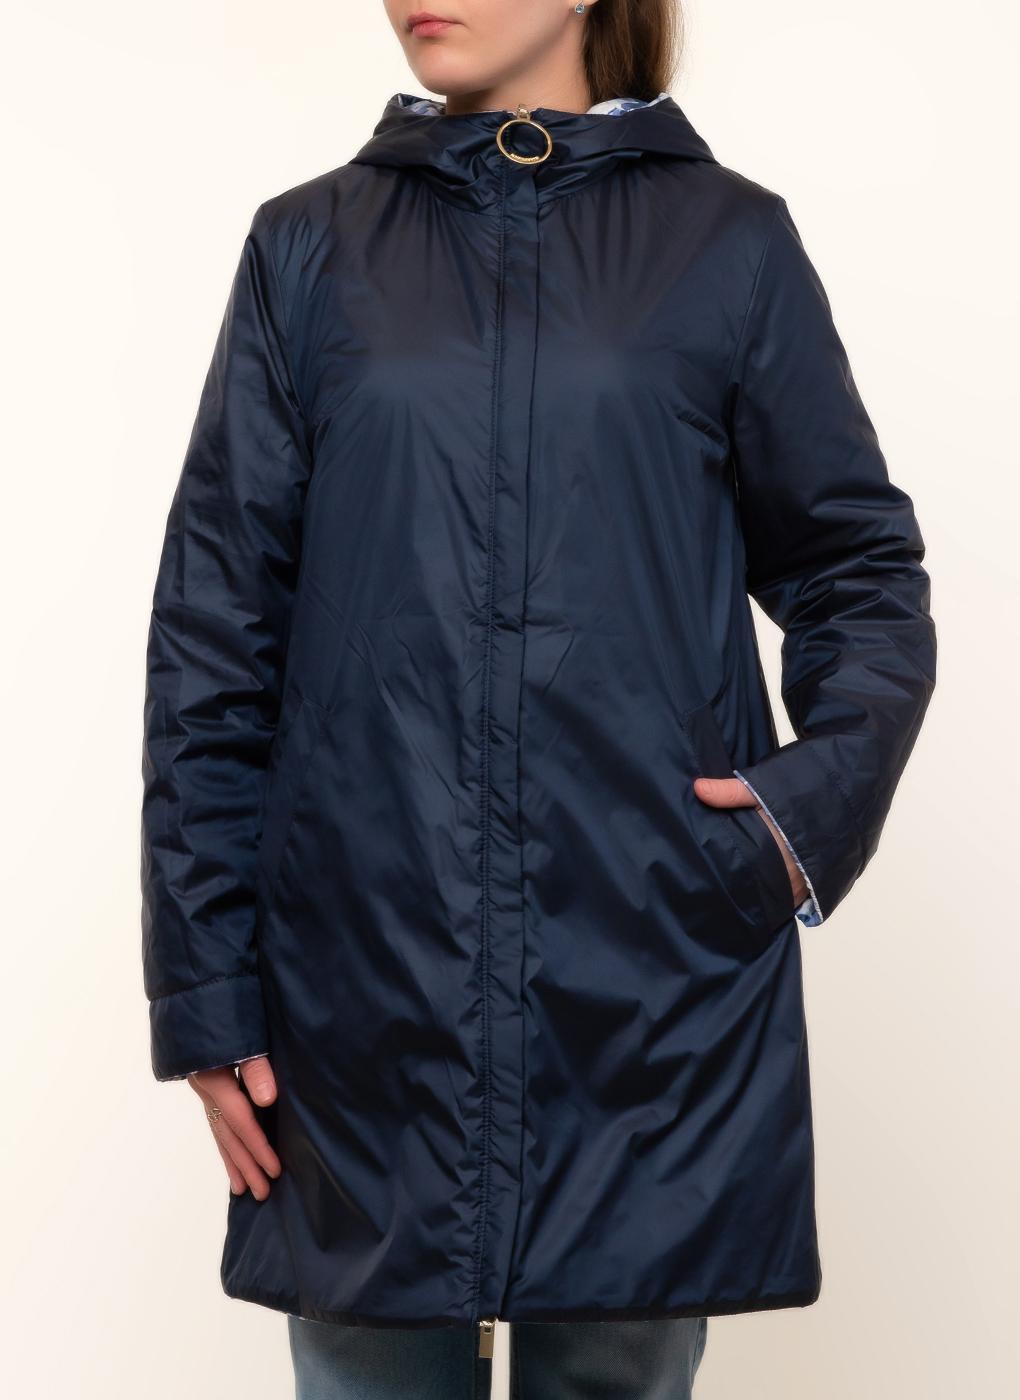 Пальто утепленное 01, двустороннее MADZERINI фото